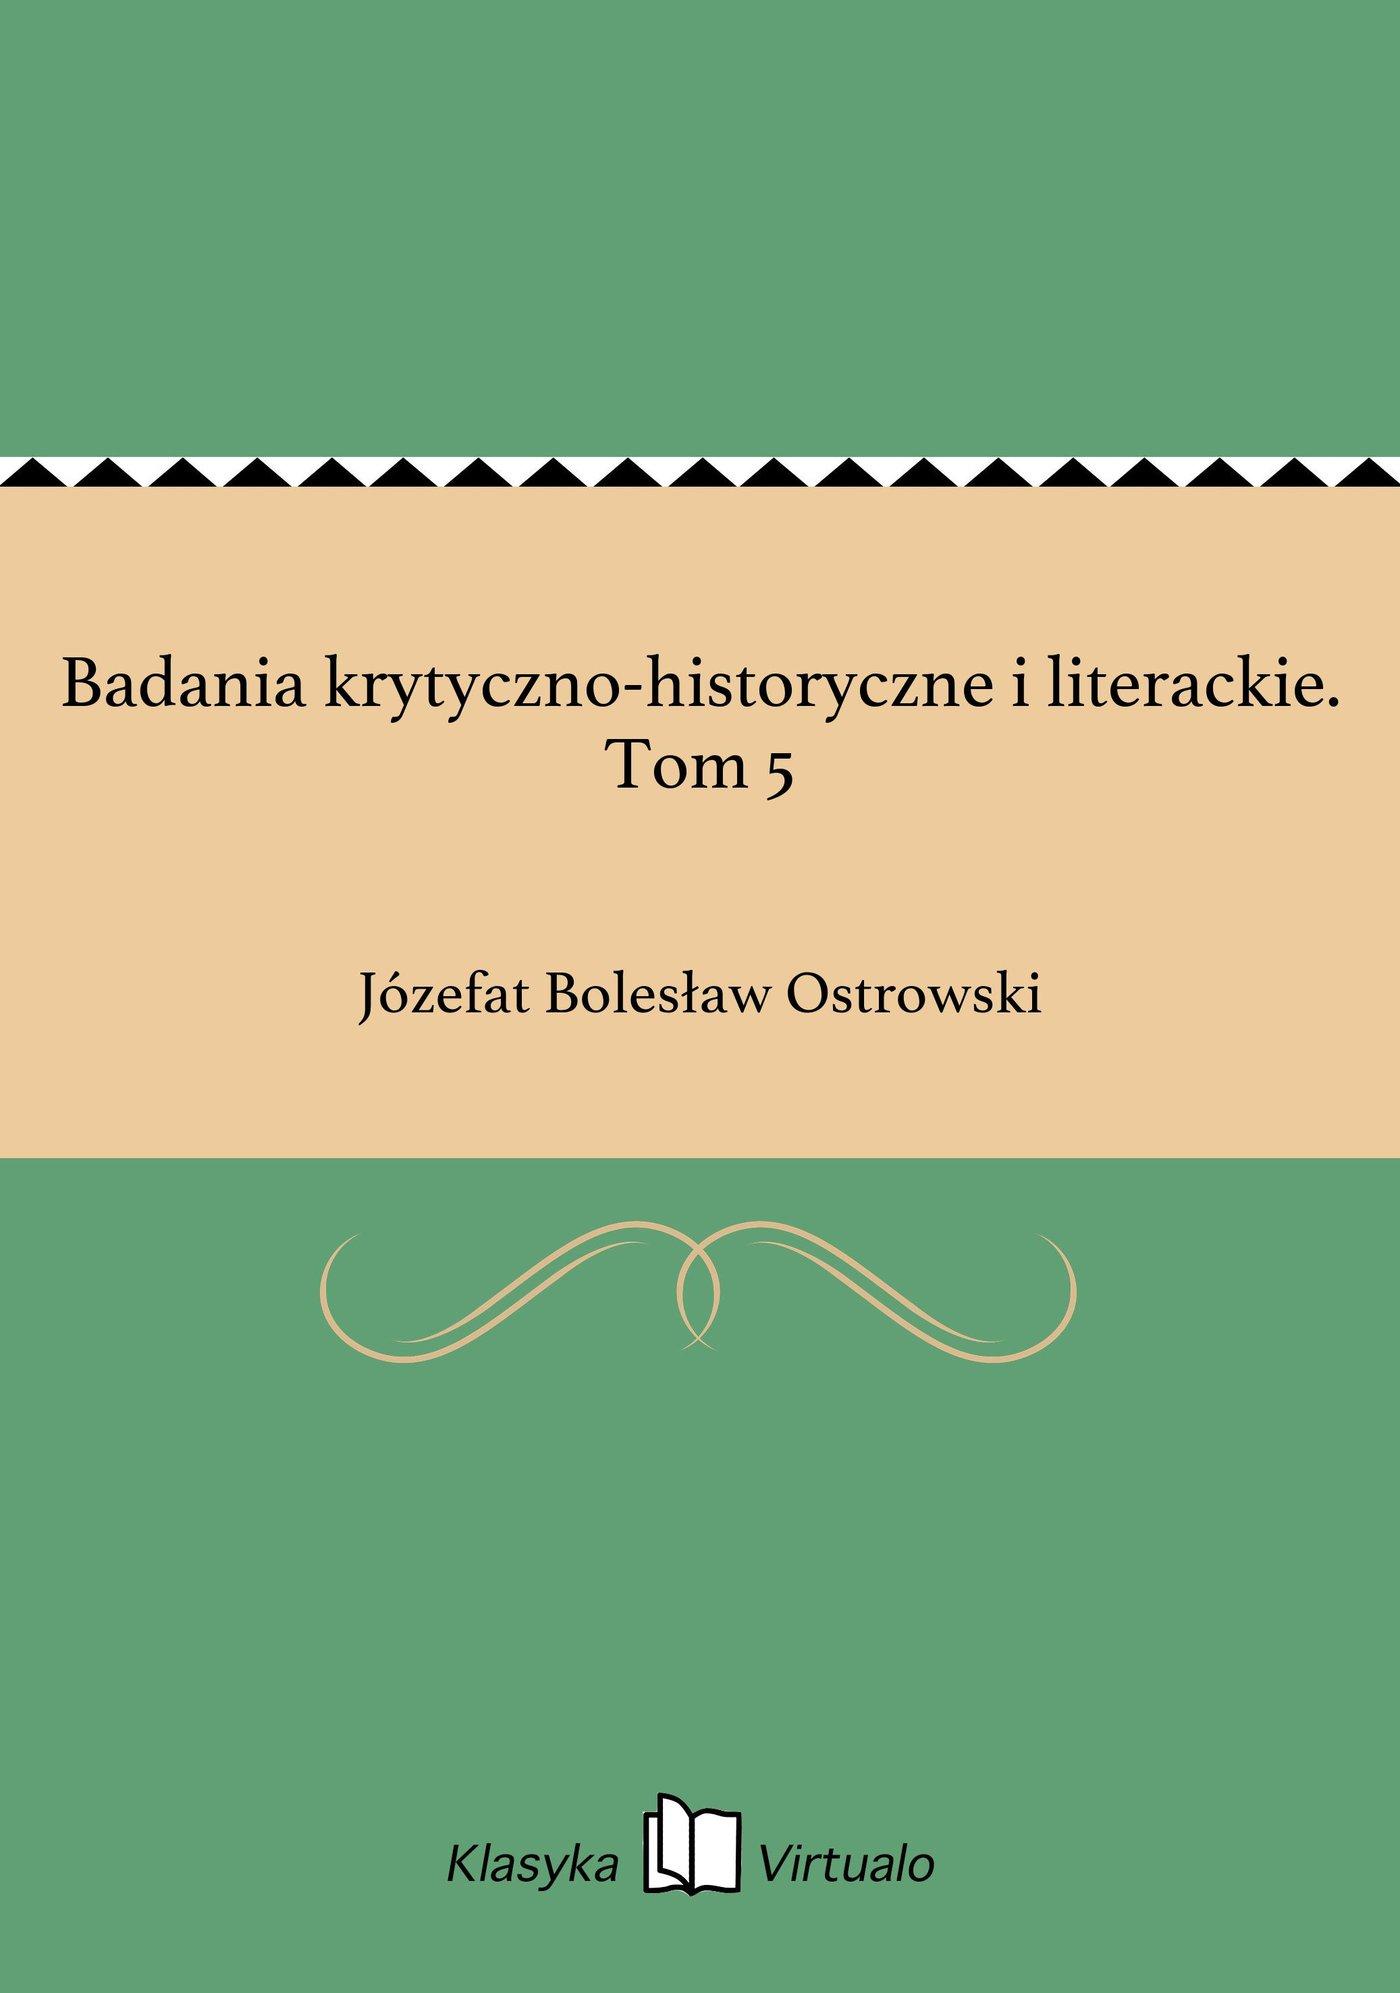 Badania krytyczno-historyczne i literackie. Tom 5 - Ebook (Książka na Kindle) do pobrania w formacie MOBI